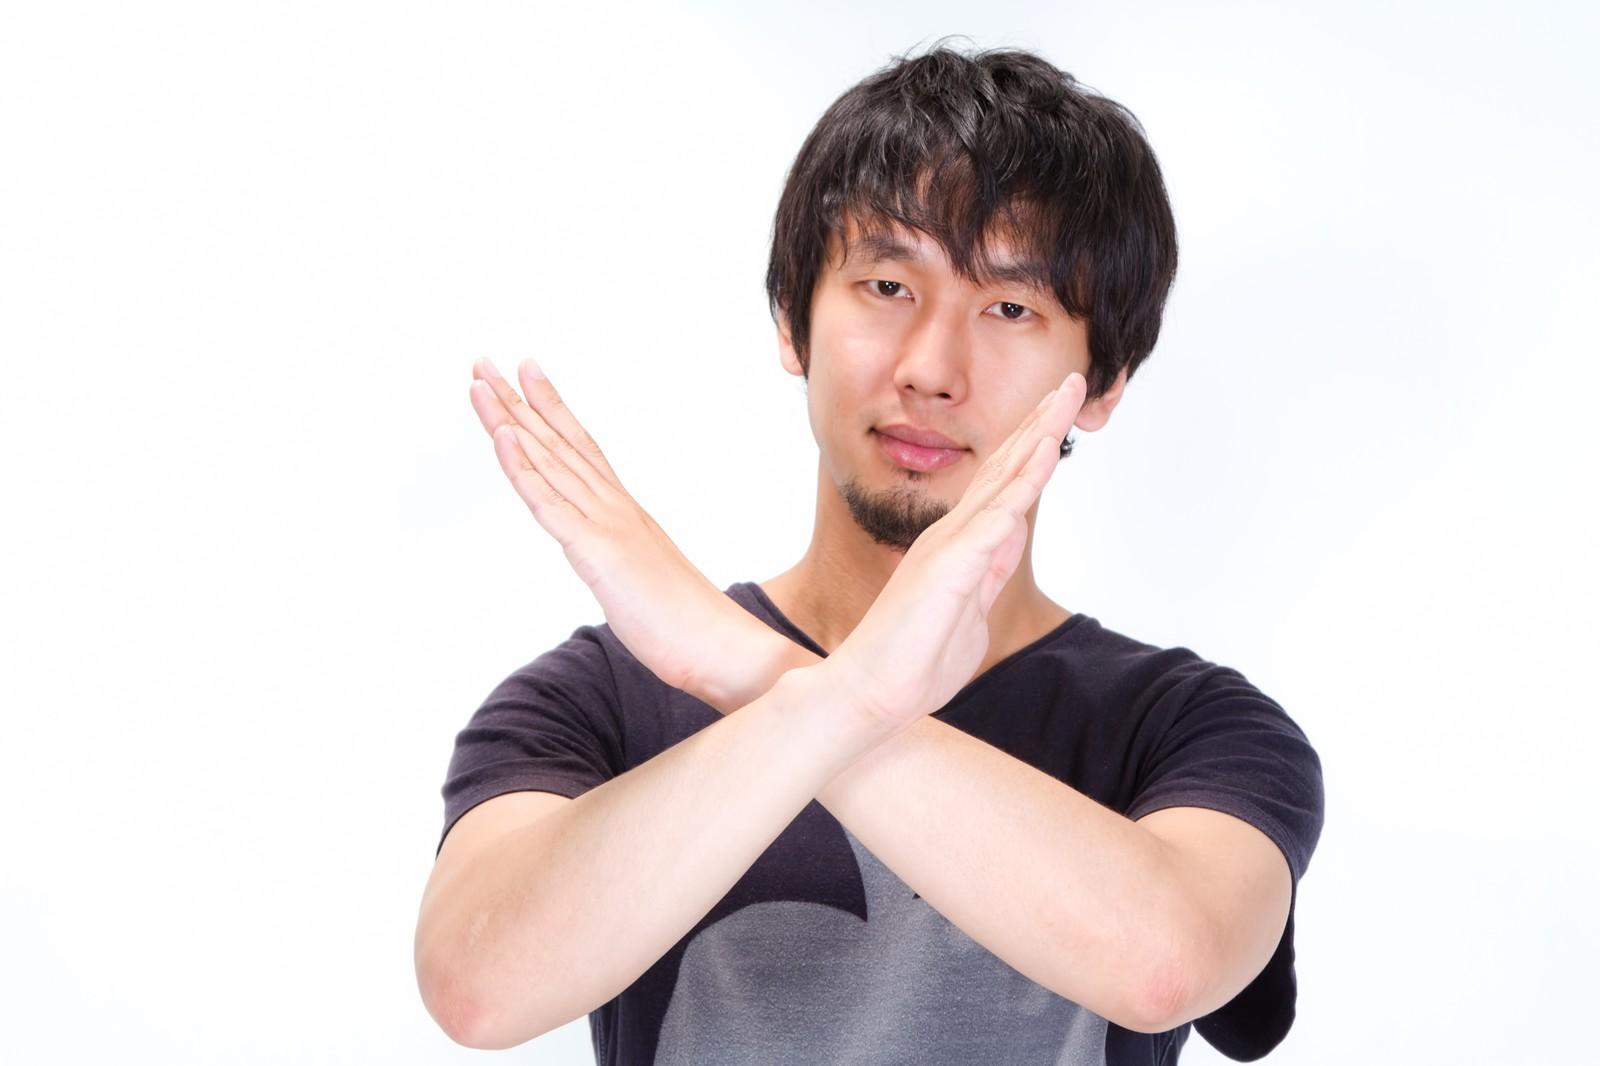 手で✕印を示す人